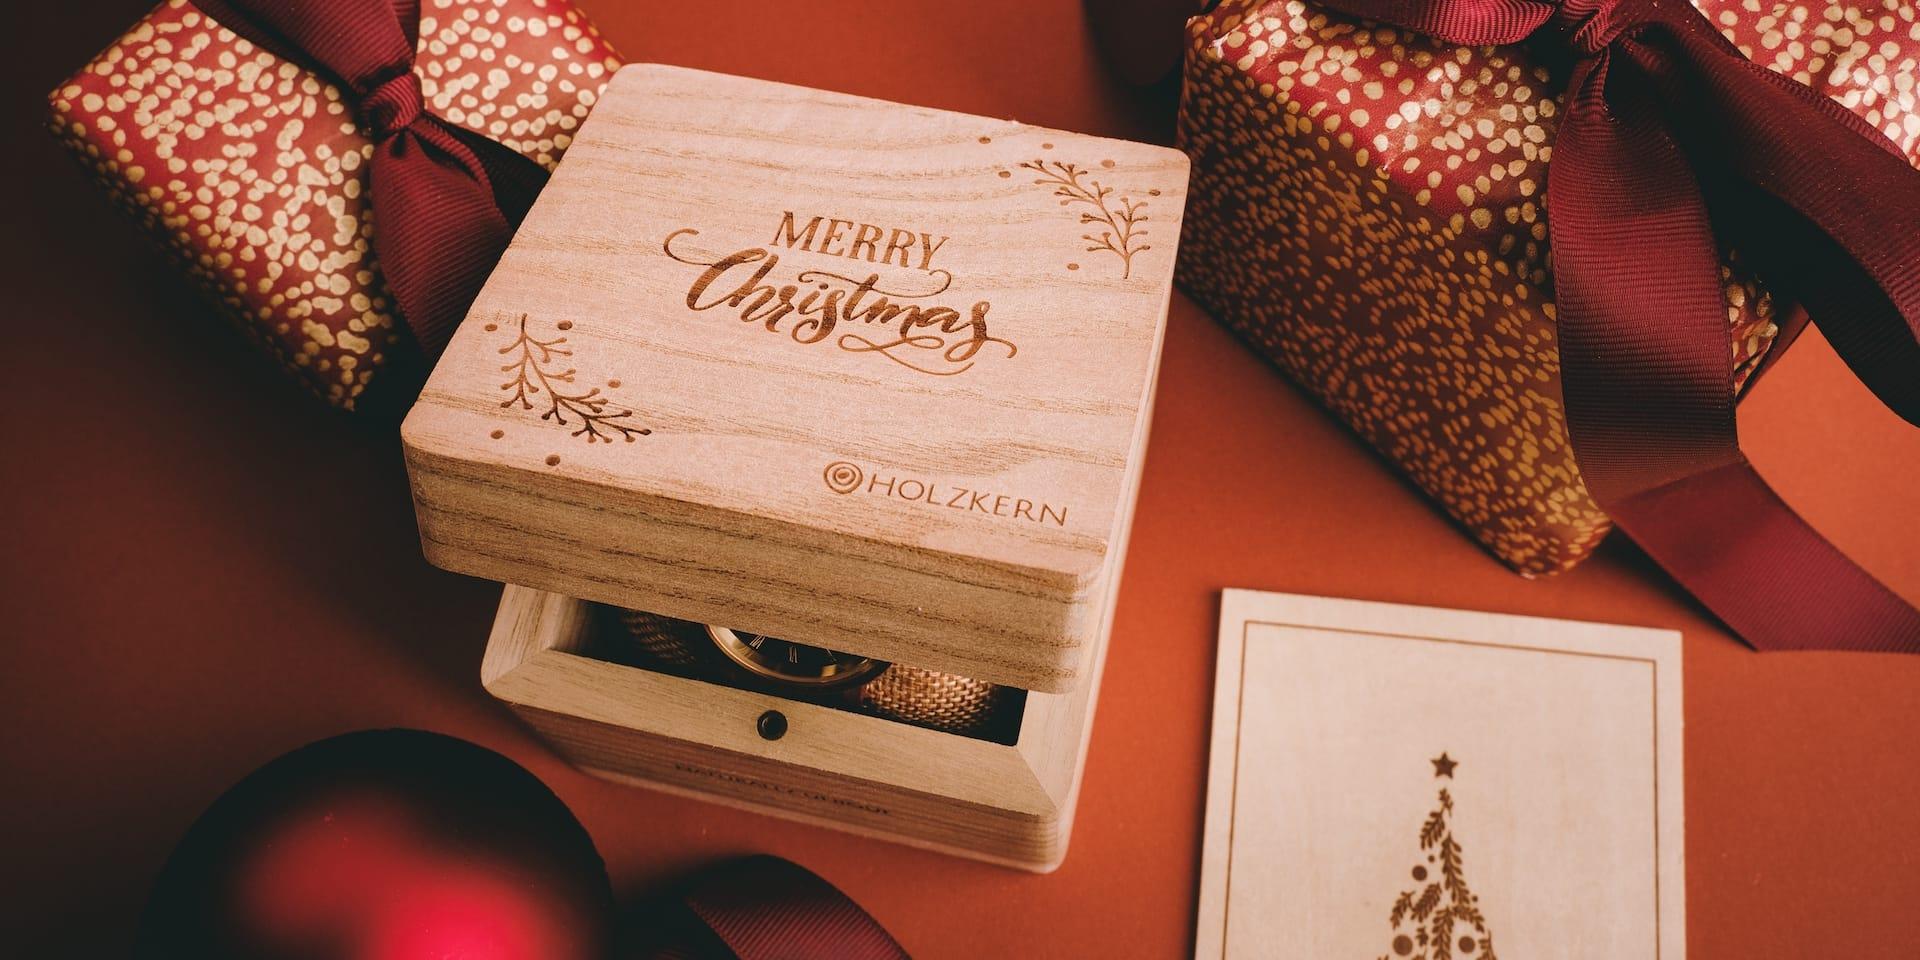 Lieferung bis Weihnachten!